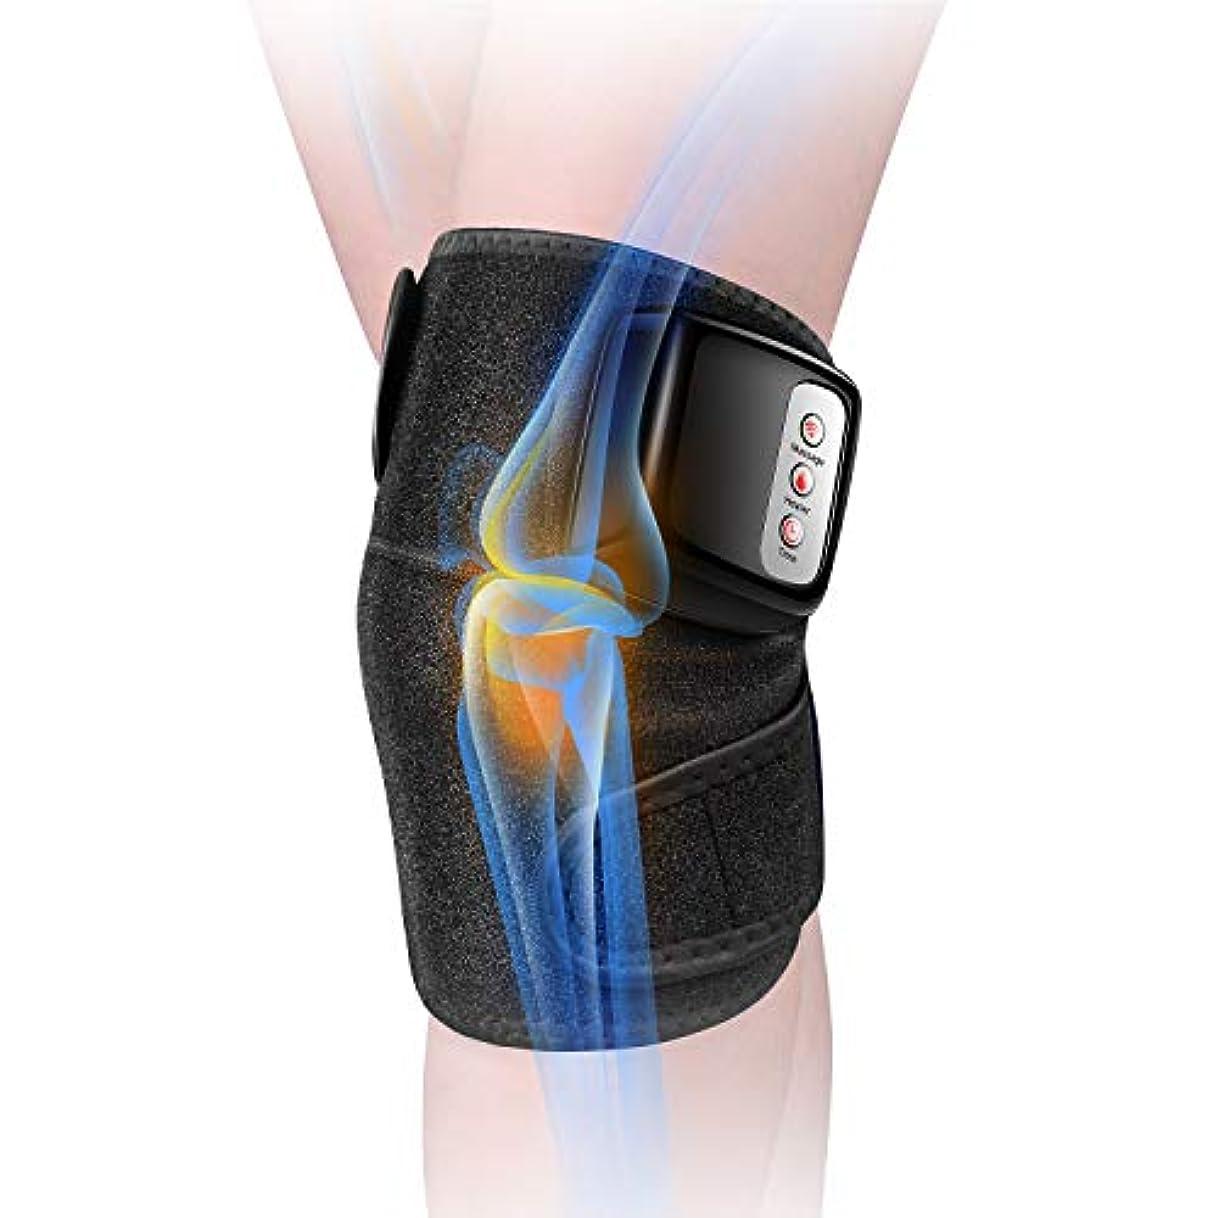 勝つ醸造所改善膝マッサージャー 関節マッサージャー マッサージ器 フットマッサージャー 振動 赤外線療法 温熱療法 膝サポーター ストレス解消 肩 太もも/腕対応